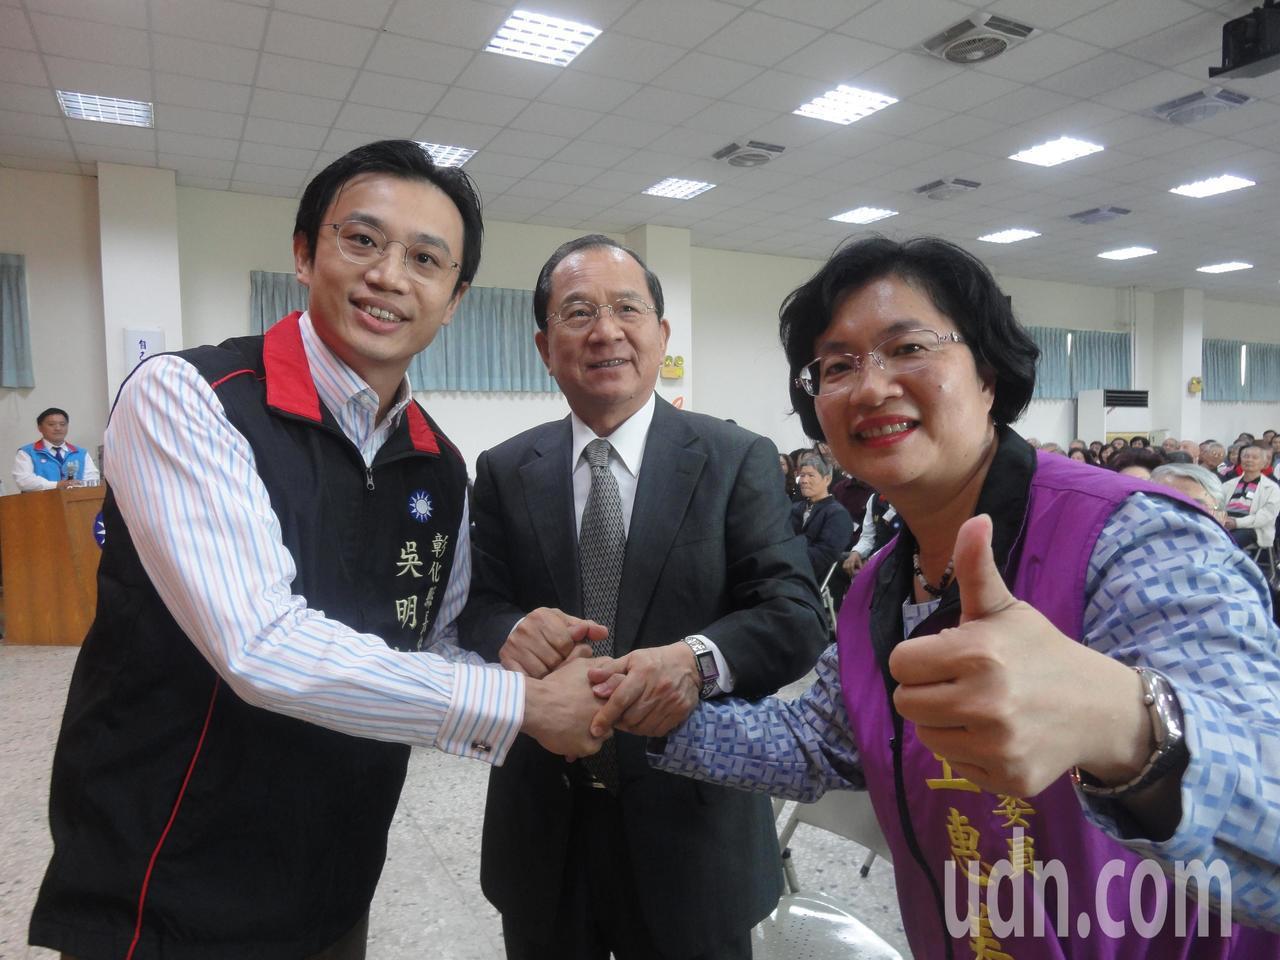 國民黨登記縣長黨內初選的王惠美(右)、吳明哲(左),和中央黨部副秘書長杜建德握手...